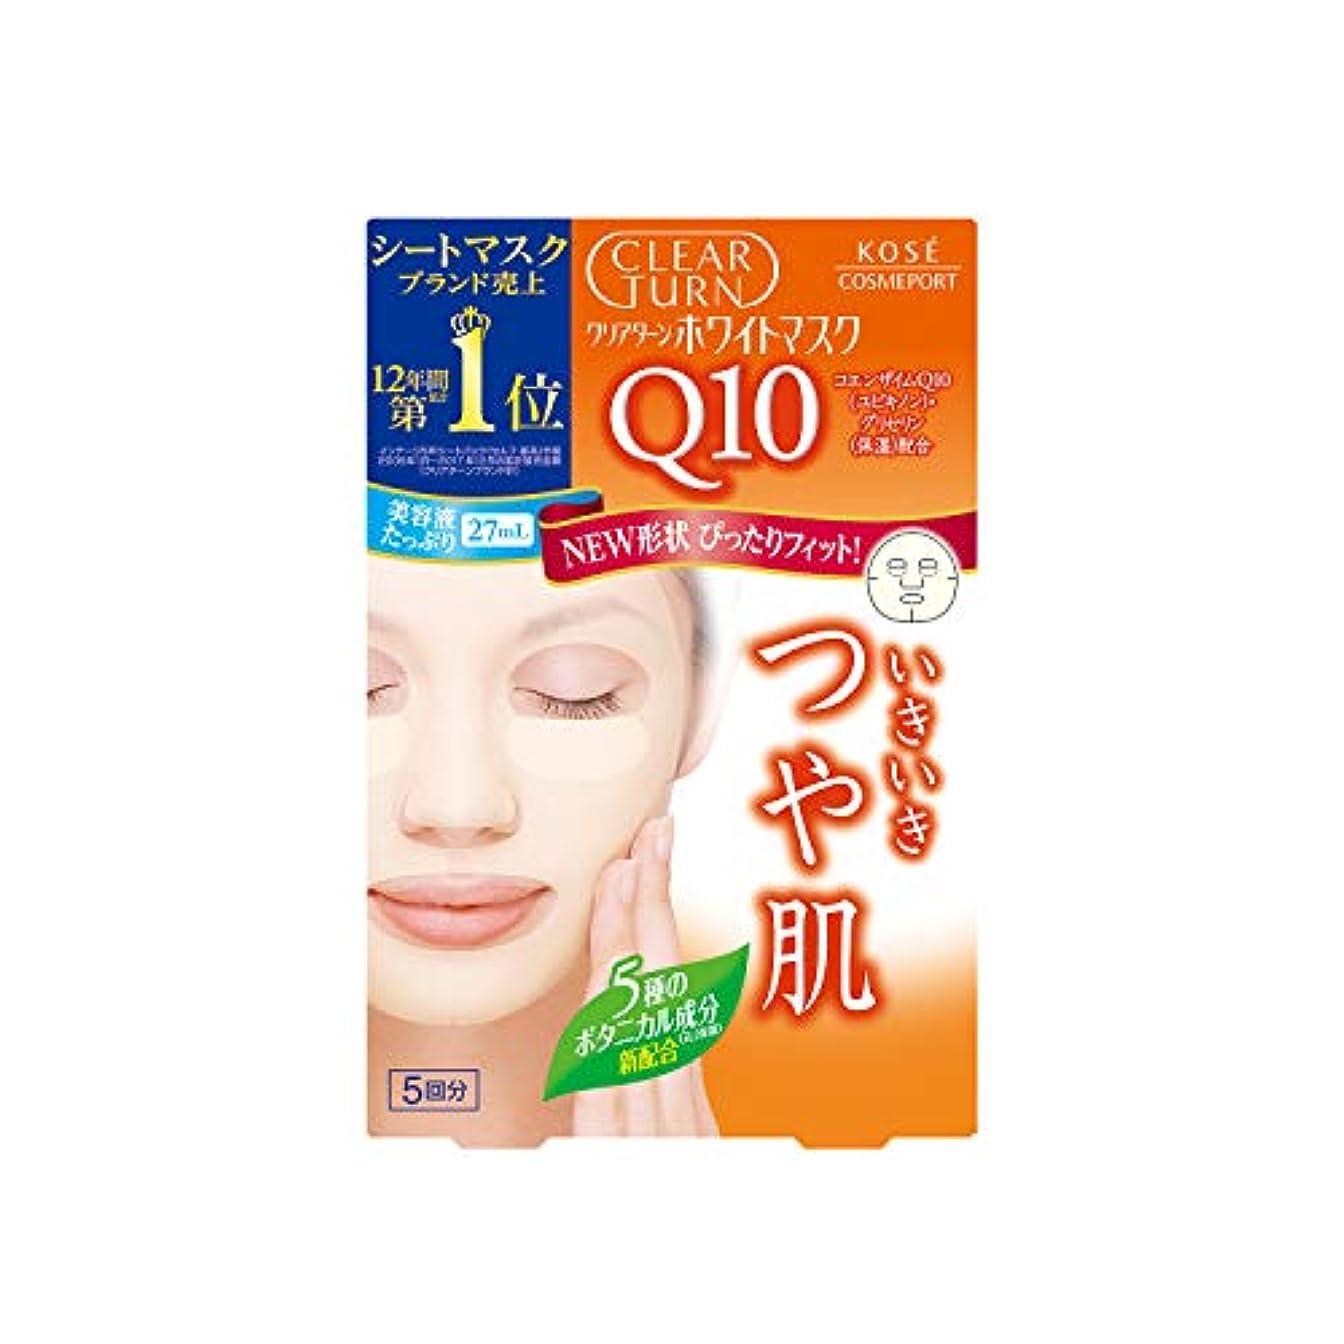 舌なシティ驚いたことにKOSE クリアターン ホワイト マスク Q10 c (コエンザイムQ10) 5回分 (22mL×5)